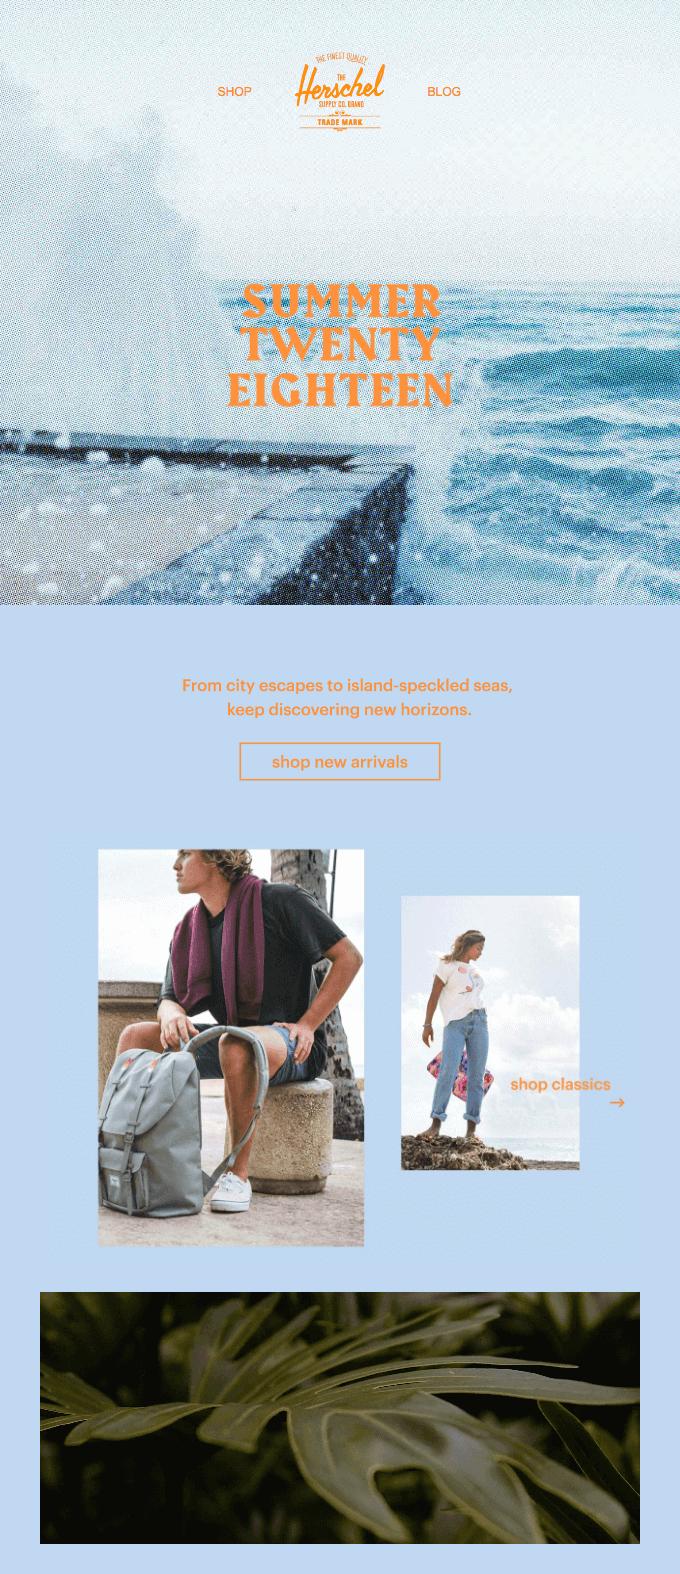 Email marketing per l'estate: la veste grafica